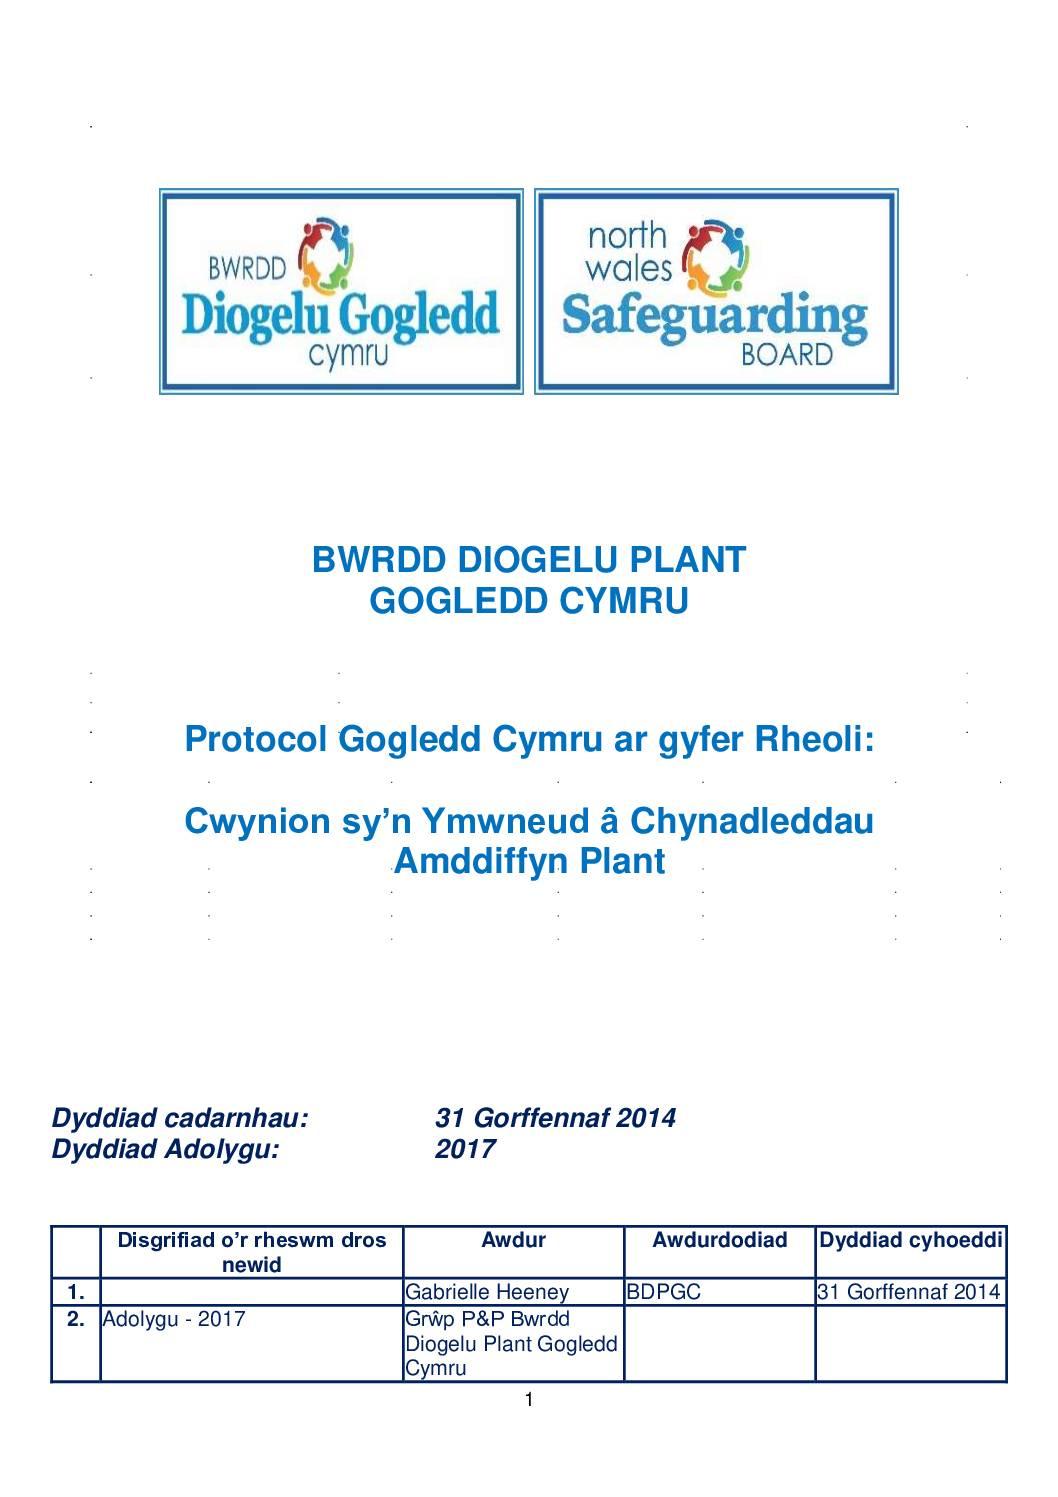 Protocol Gogledd Cymru ar gyfer Rheoli: Cwynion sy'n Ymwneud â Chynadleddau Amddiffyn Plant